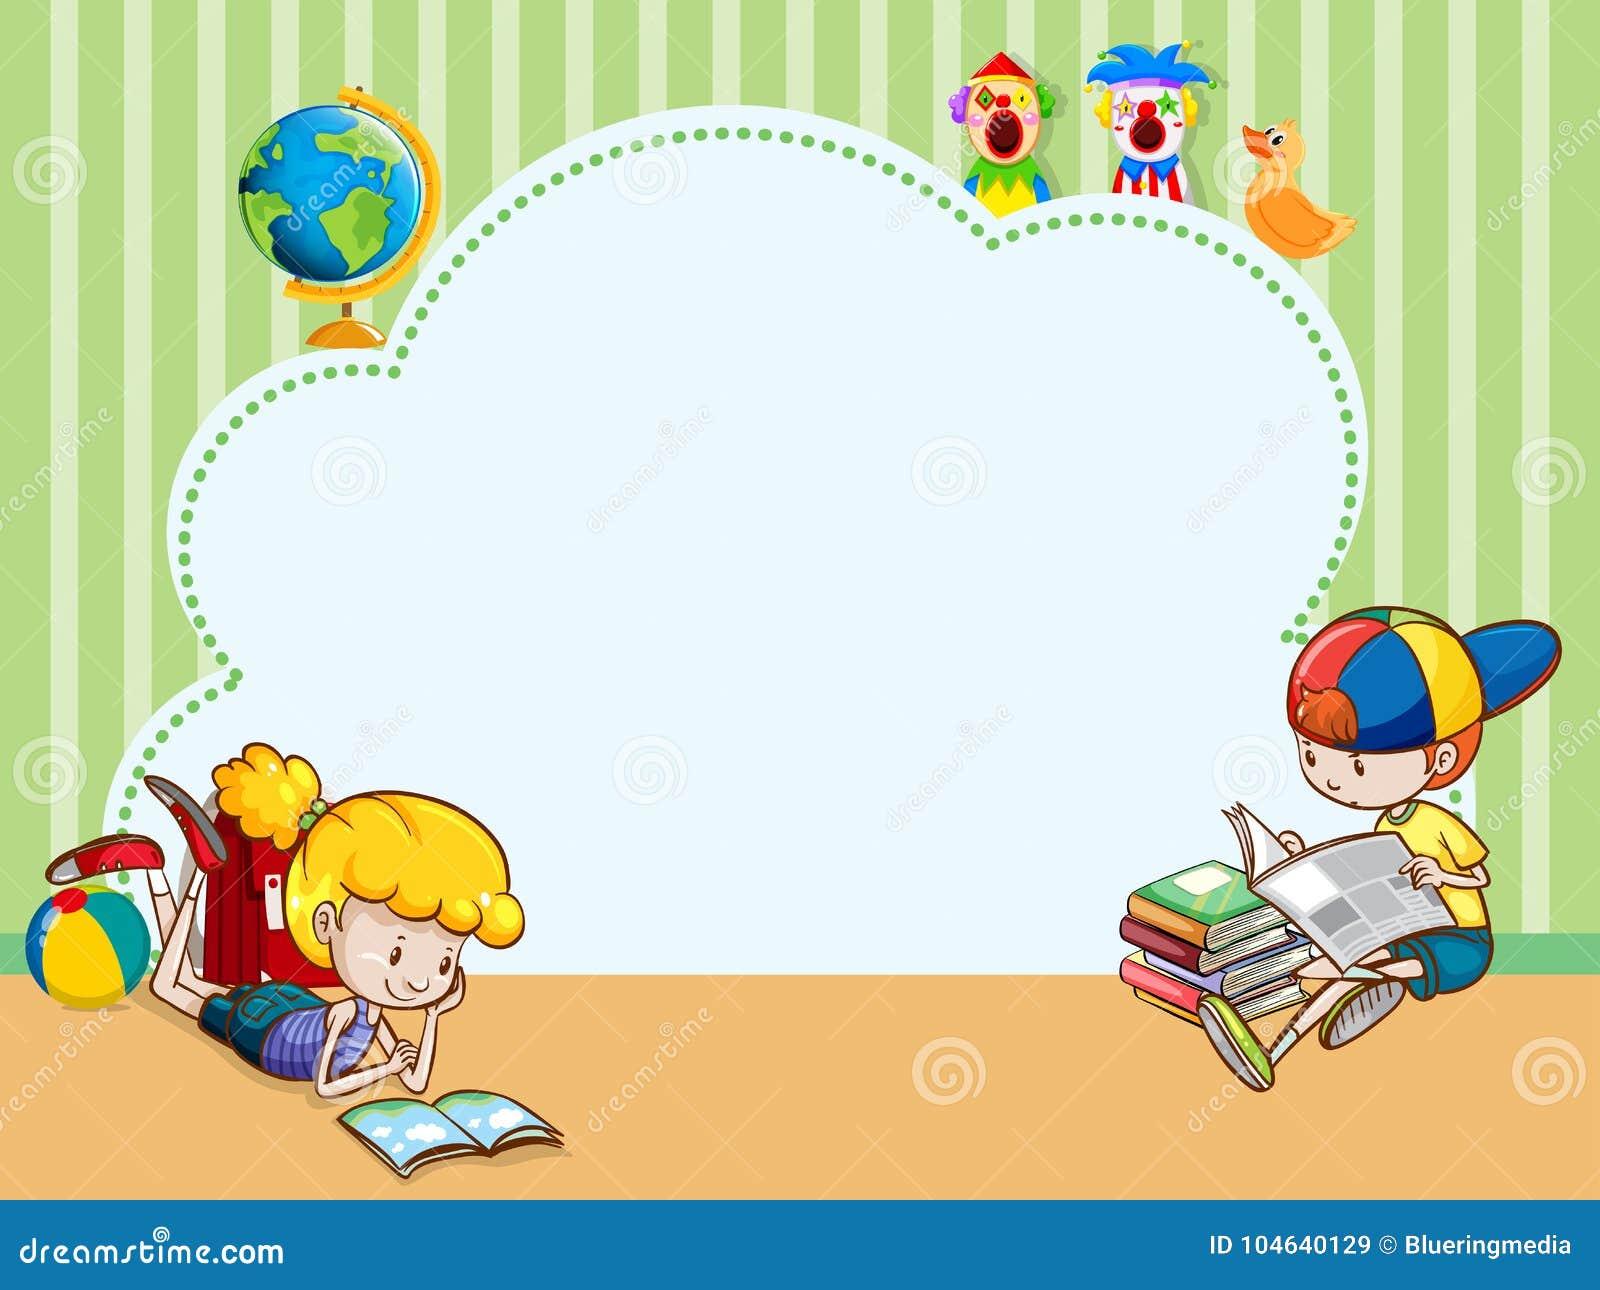 Download Grensmalplaatje Met Jonge Geitjes Die Boeken Lezen Vector Illustratie - Illustratie bestaande uit kind, banner: 104640129